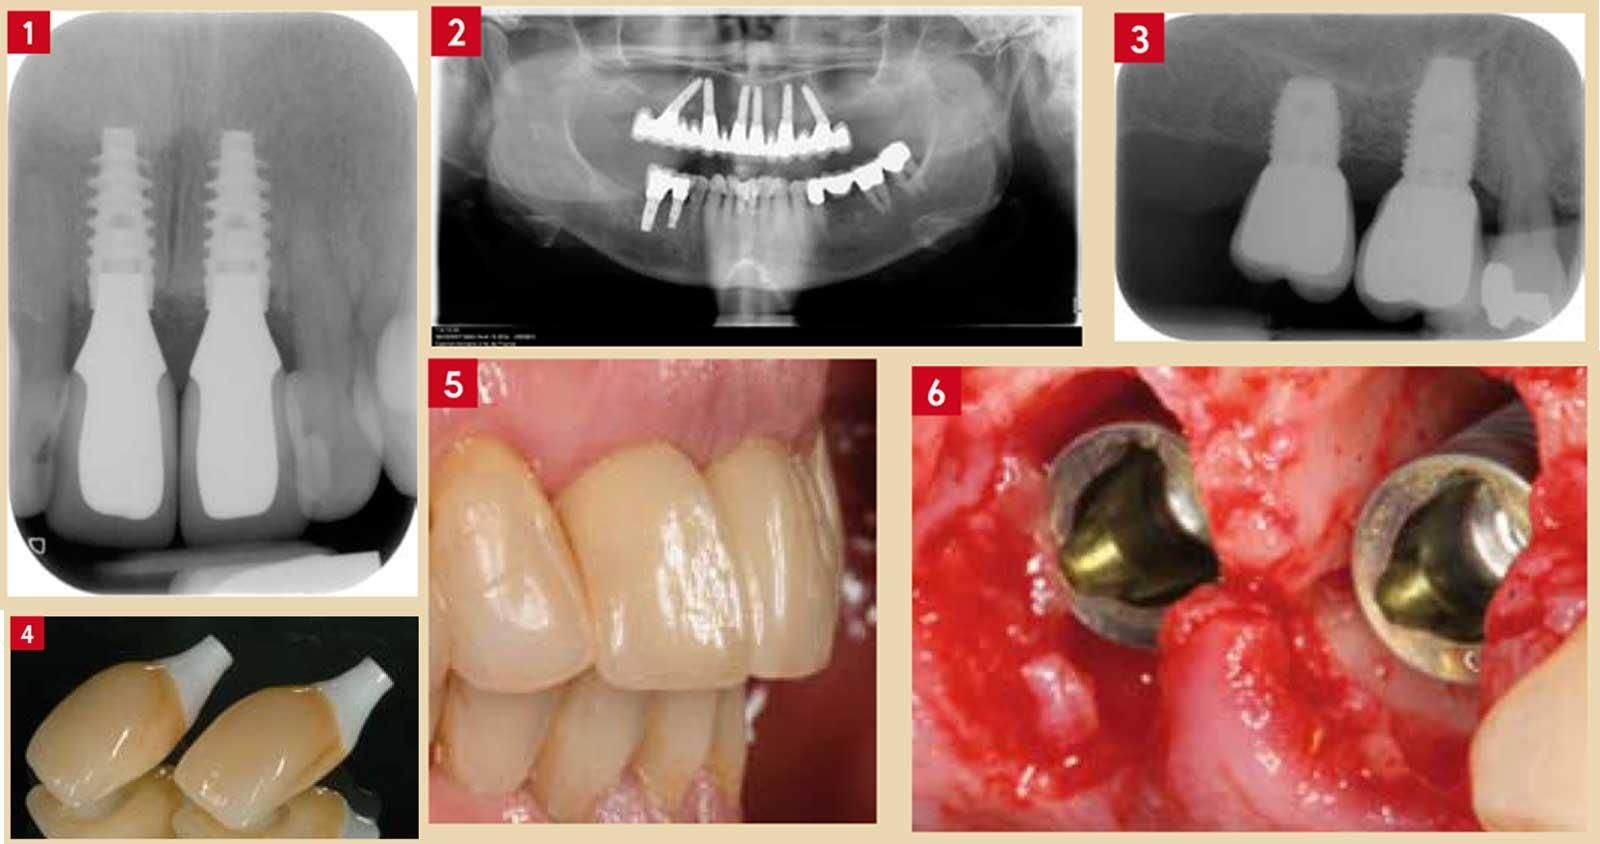 Deux-implants-courts-et-de-large-diamètre